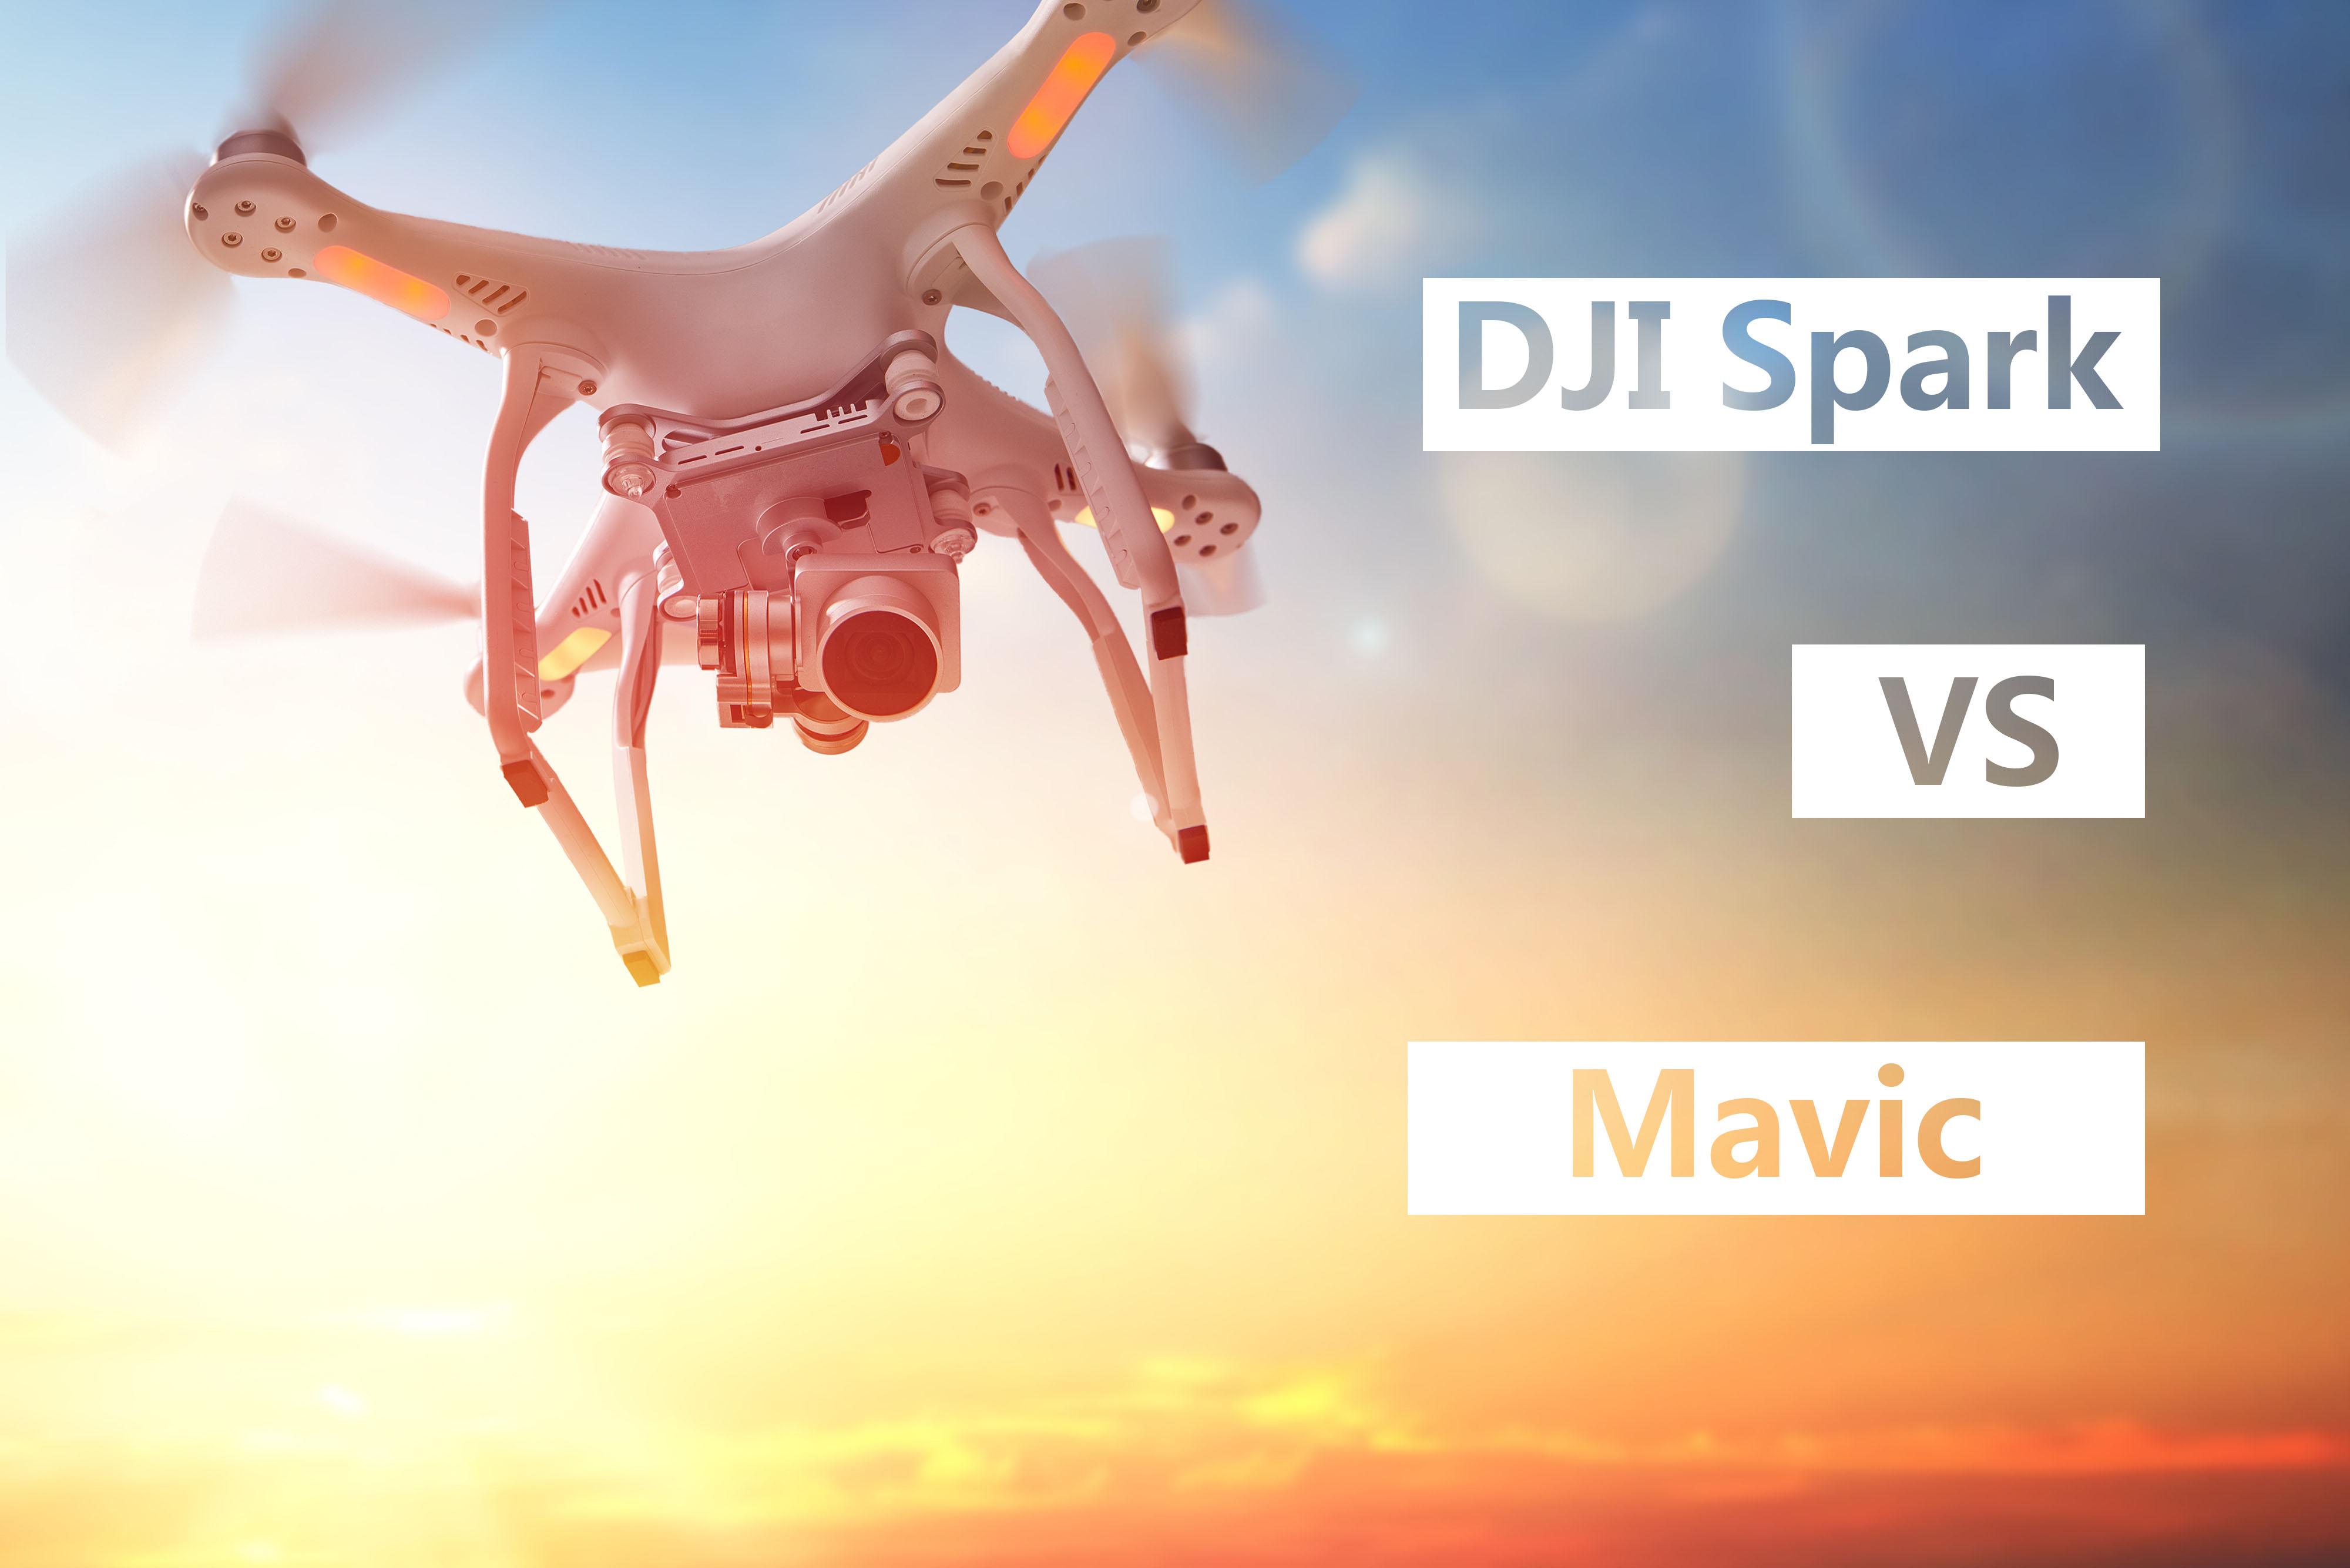 DJI Spark vs Mavic (Include Comparison Table)